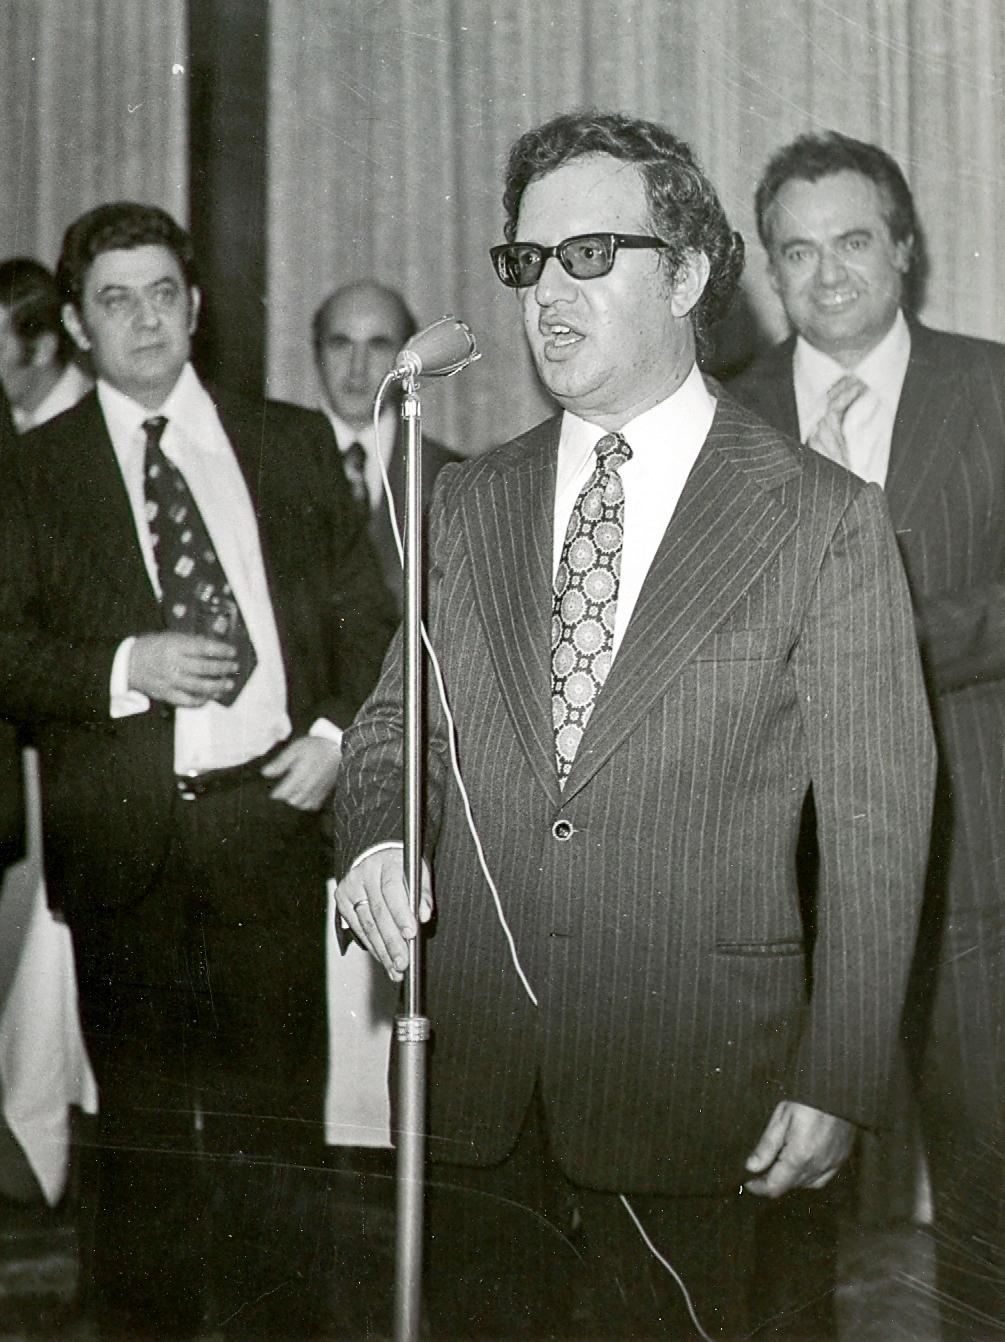 1977 βραβείο Καζαντζάκη